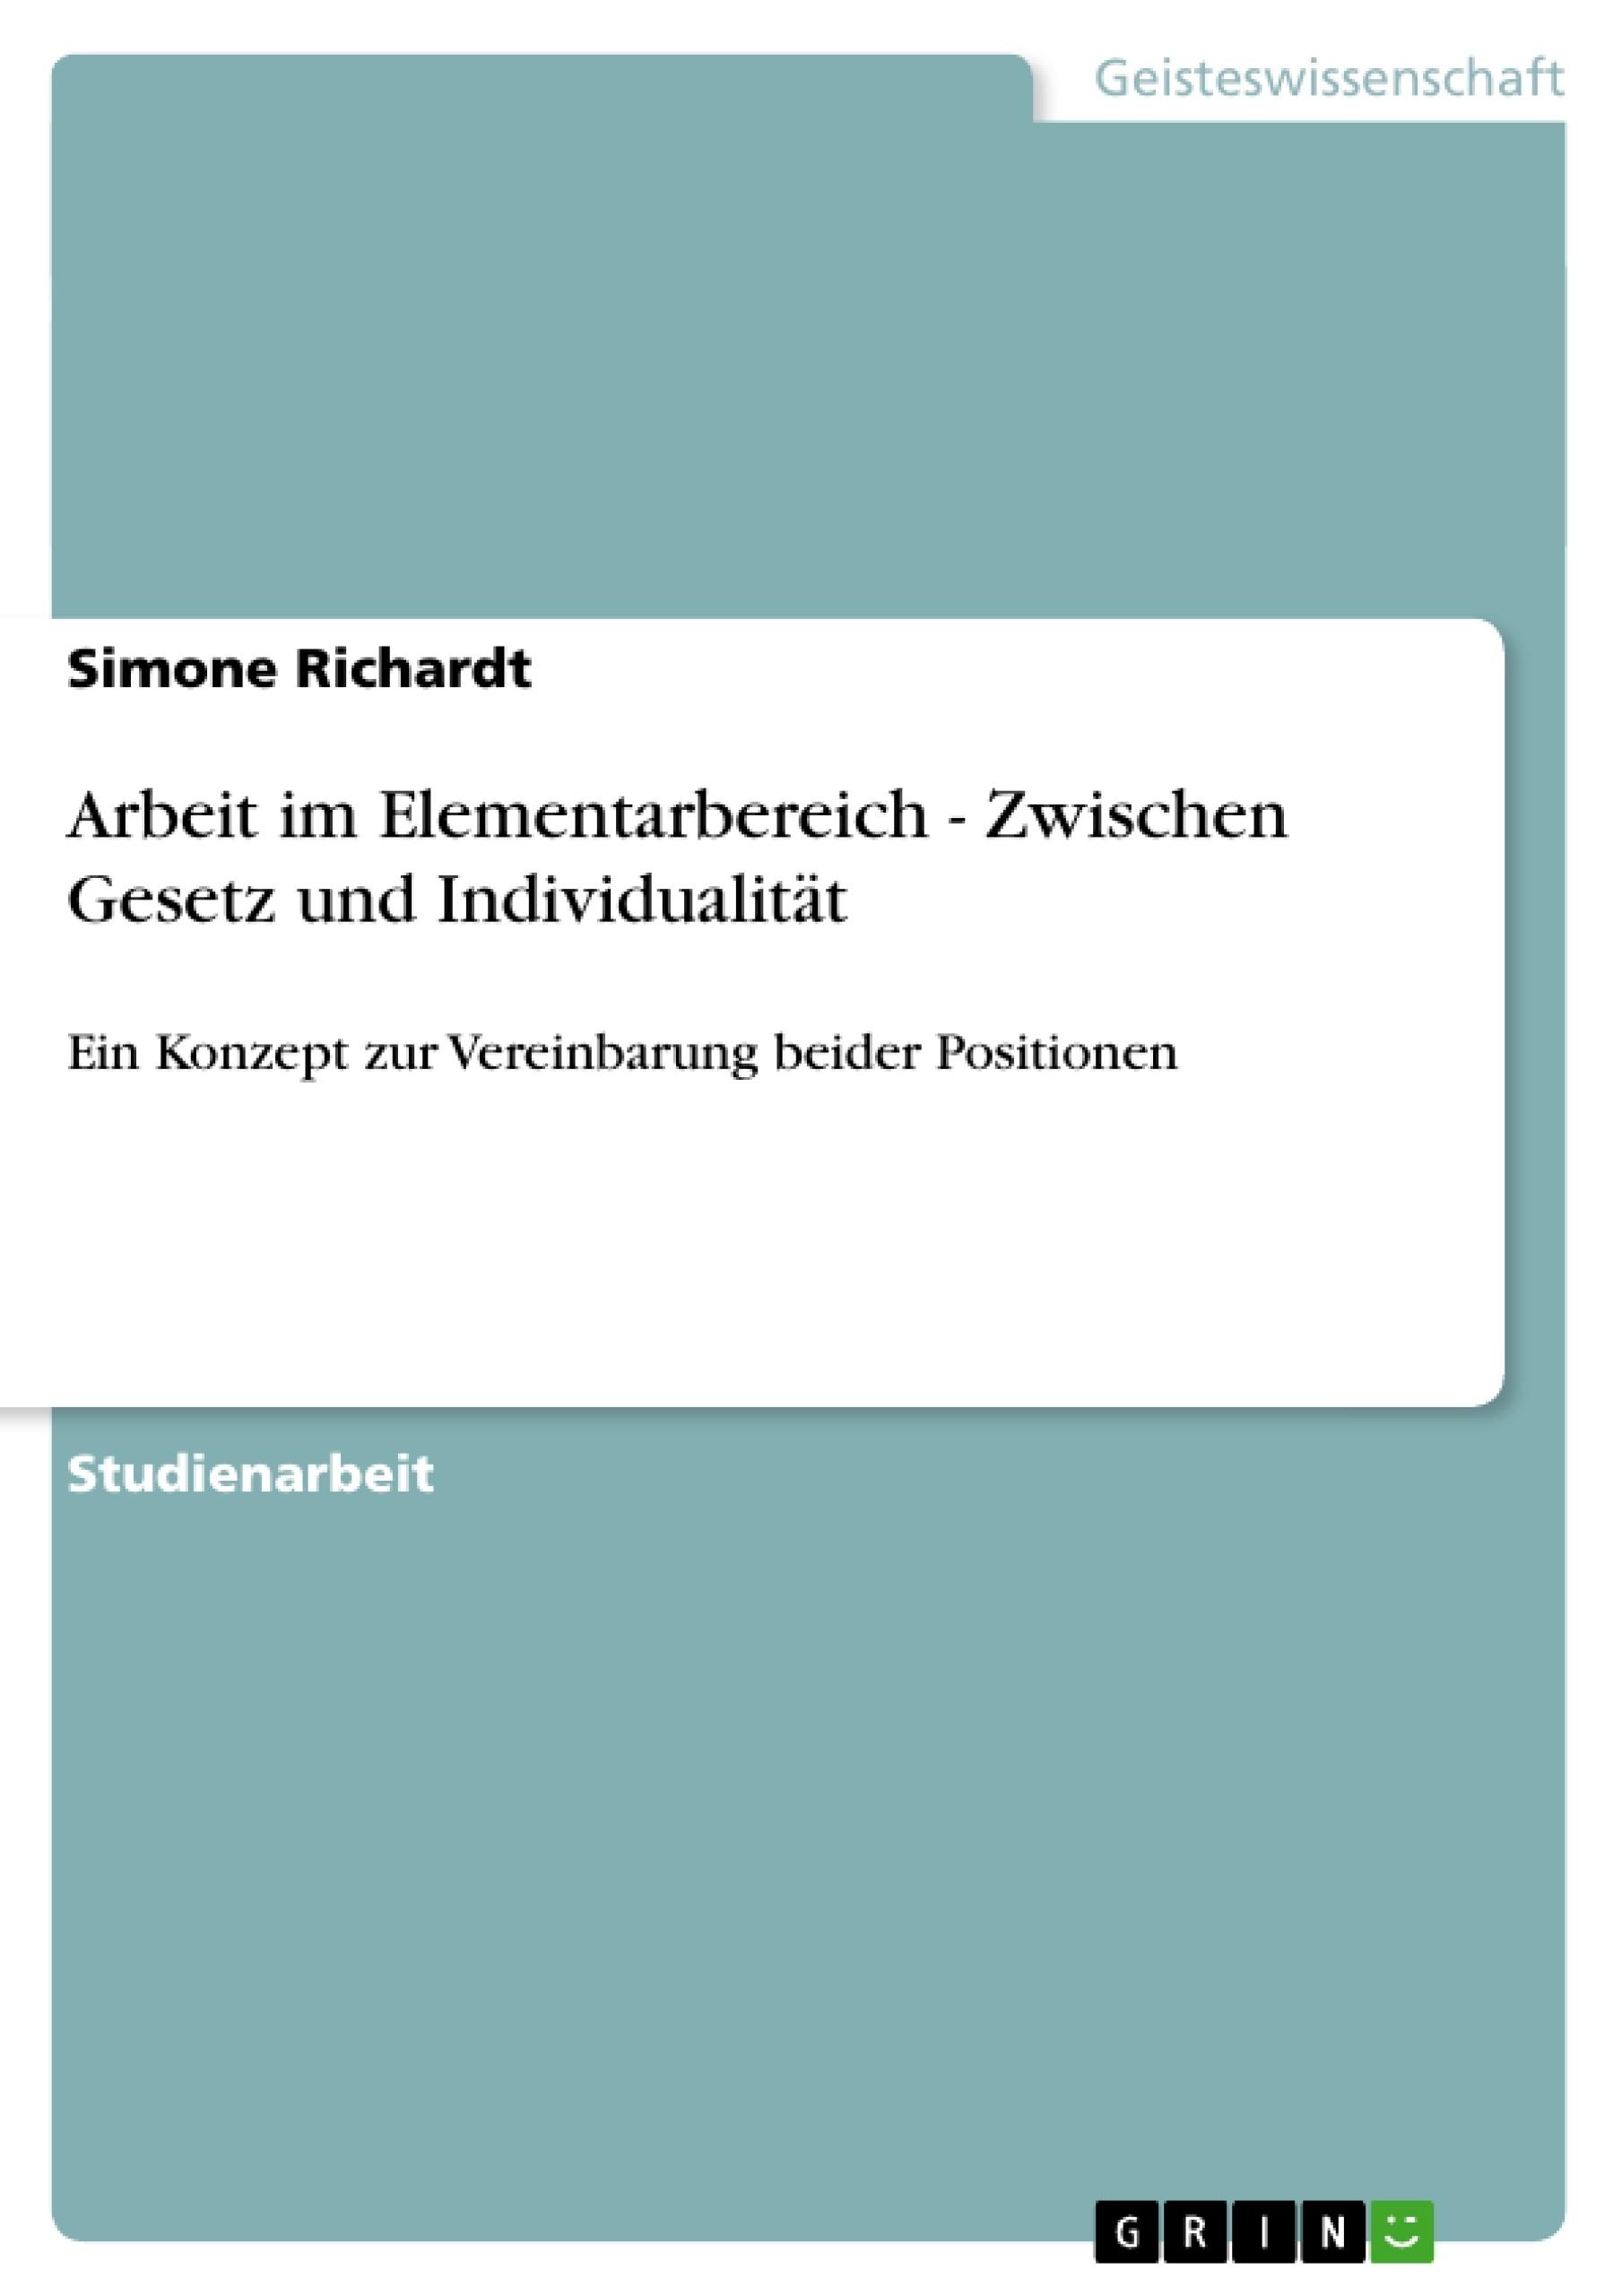 Titel: Arbeit im Elementarbereich - Zwischen Gesetz und Individualität